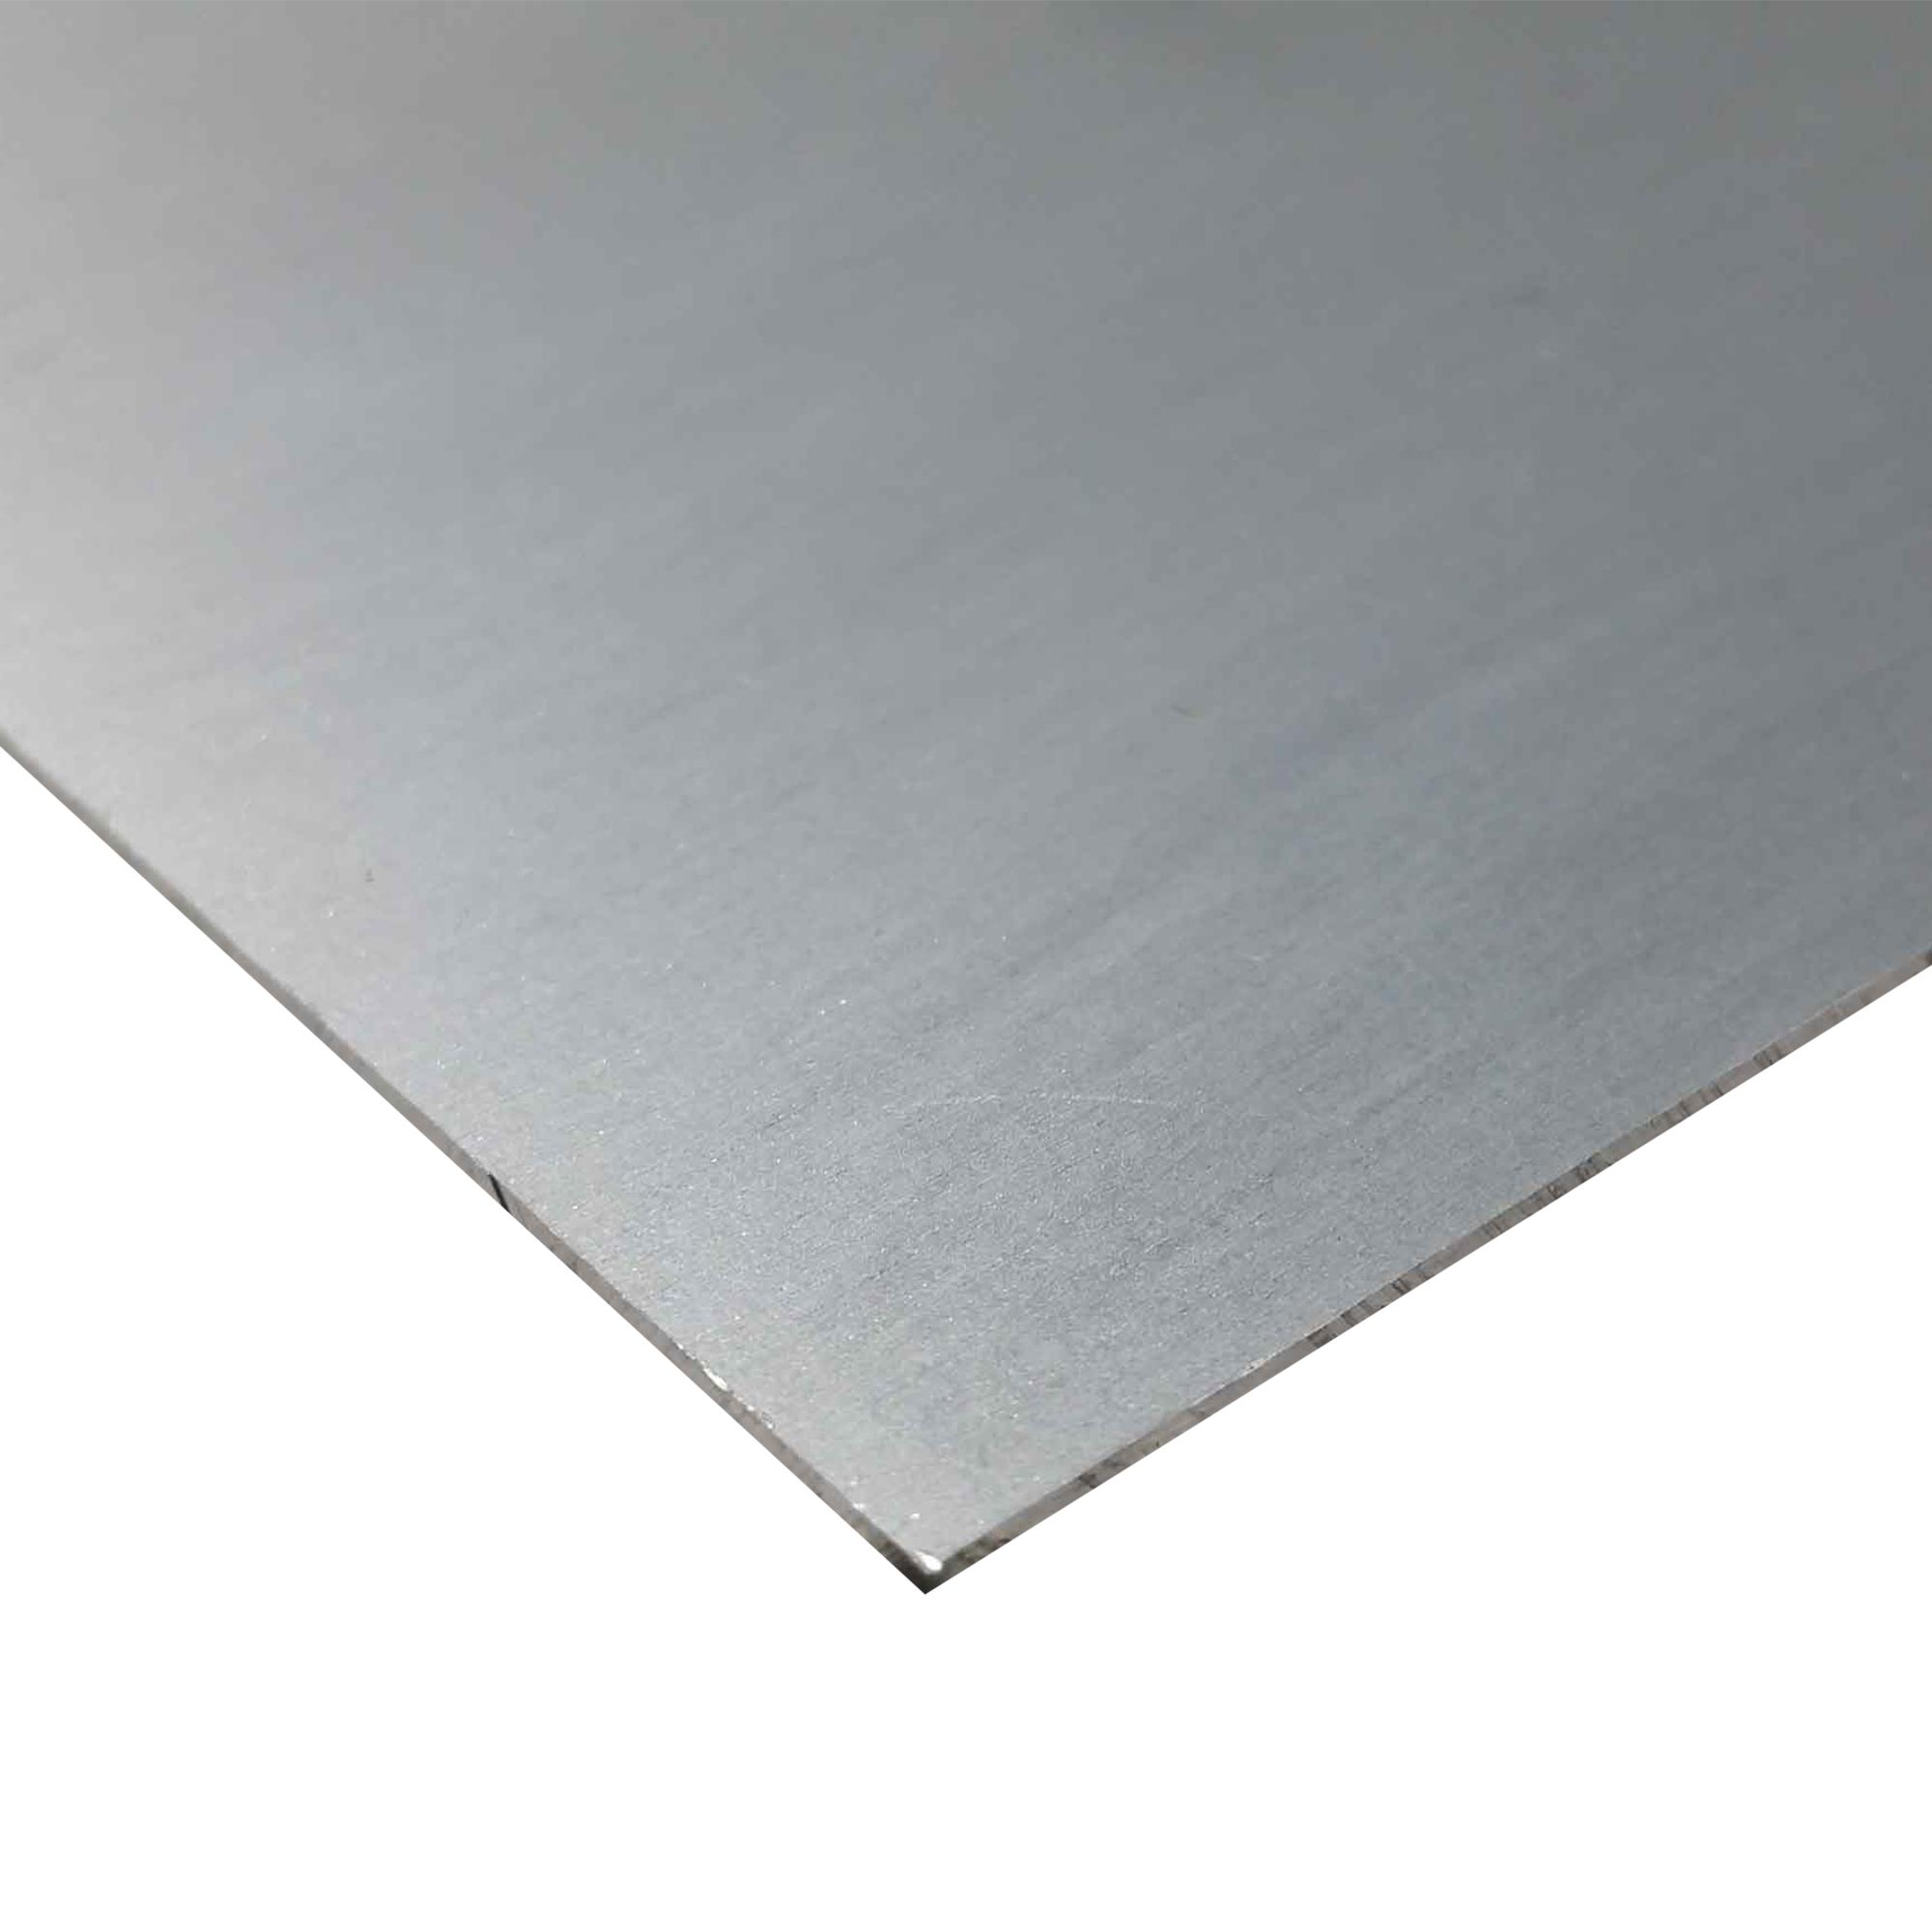 Bare and Alclad Aluminum Sheets